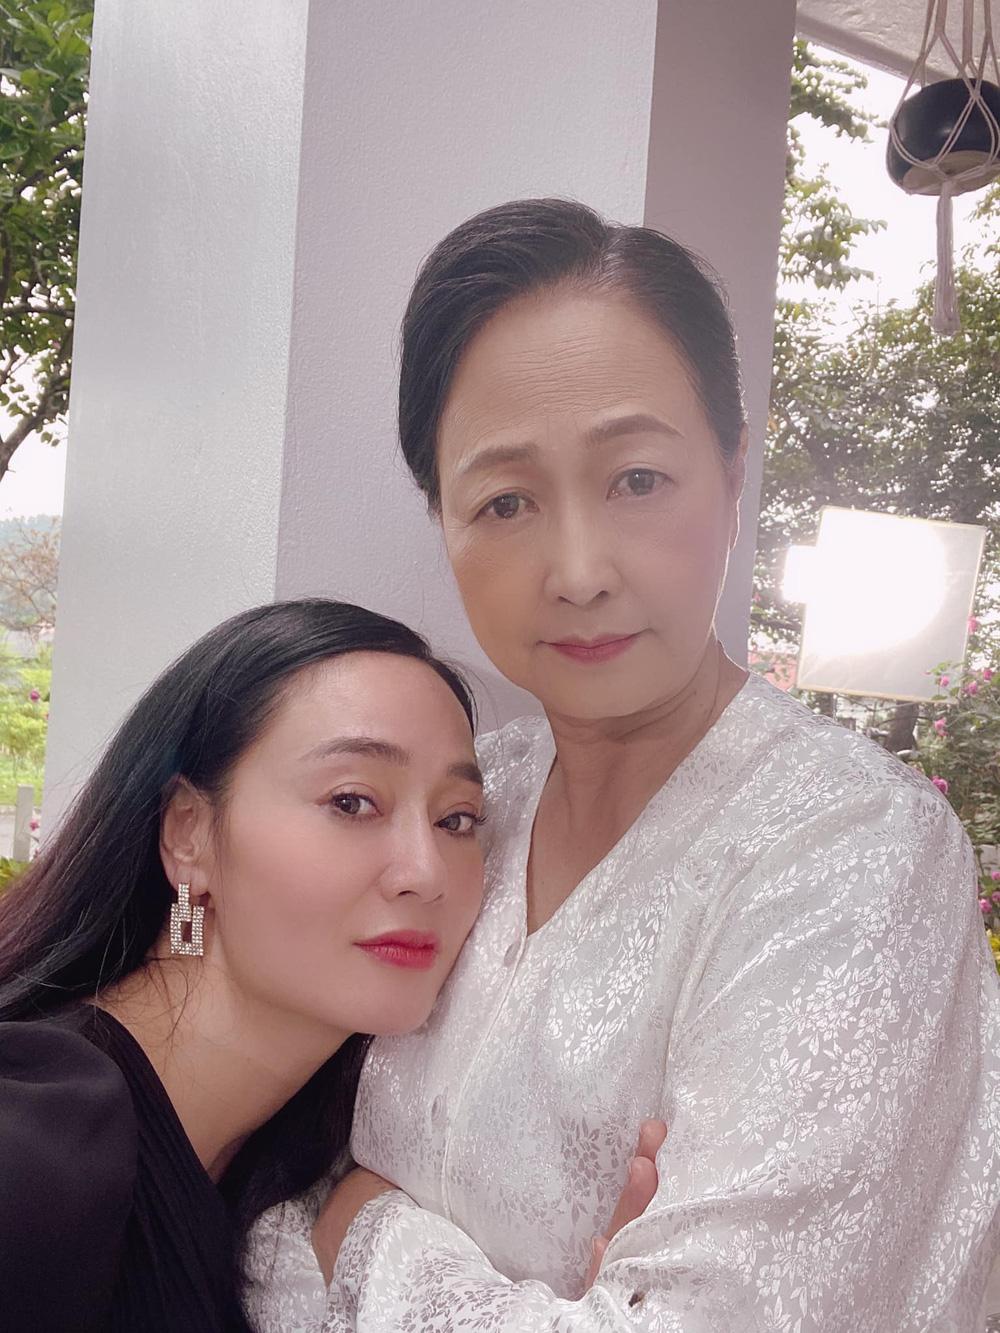 Hương vị tình thân: Bị ném đá trên phim nhưng bà Xuân cực đáng yêu ở hậu trường - Ảnh 8.